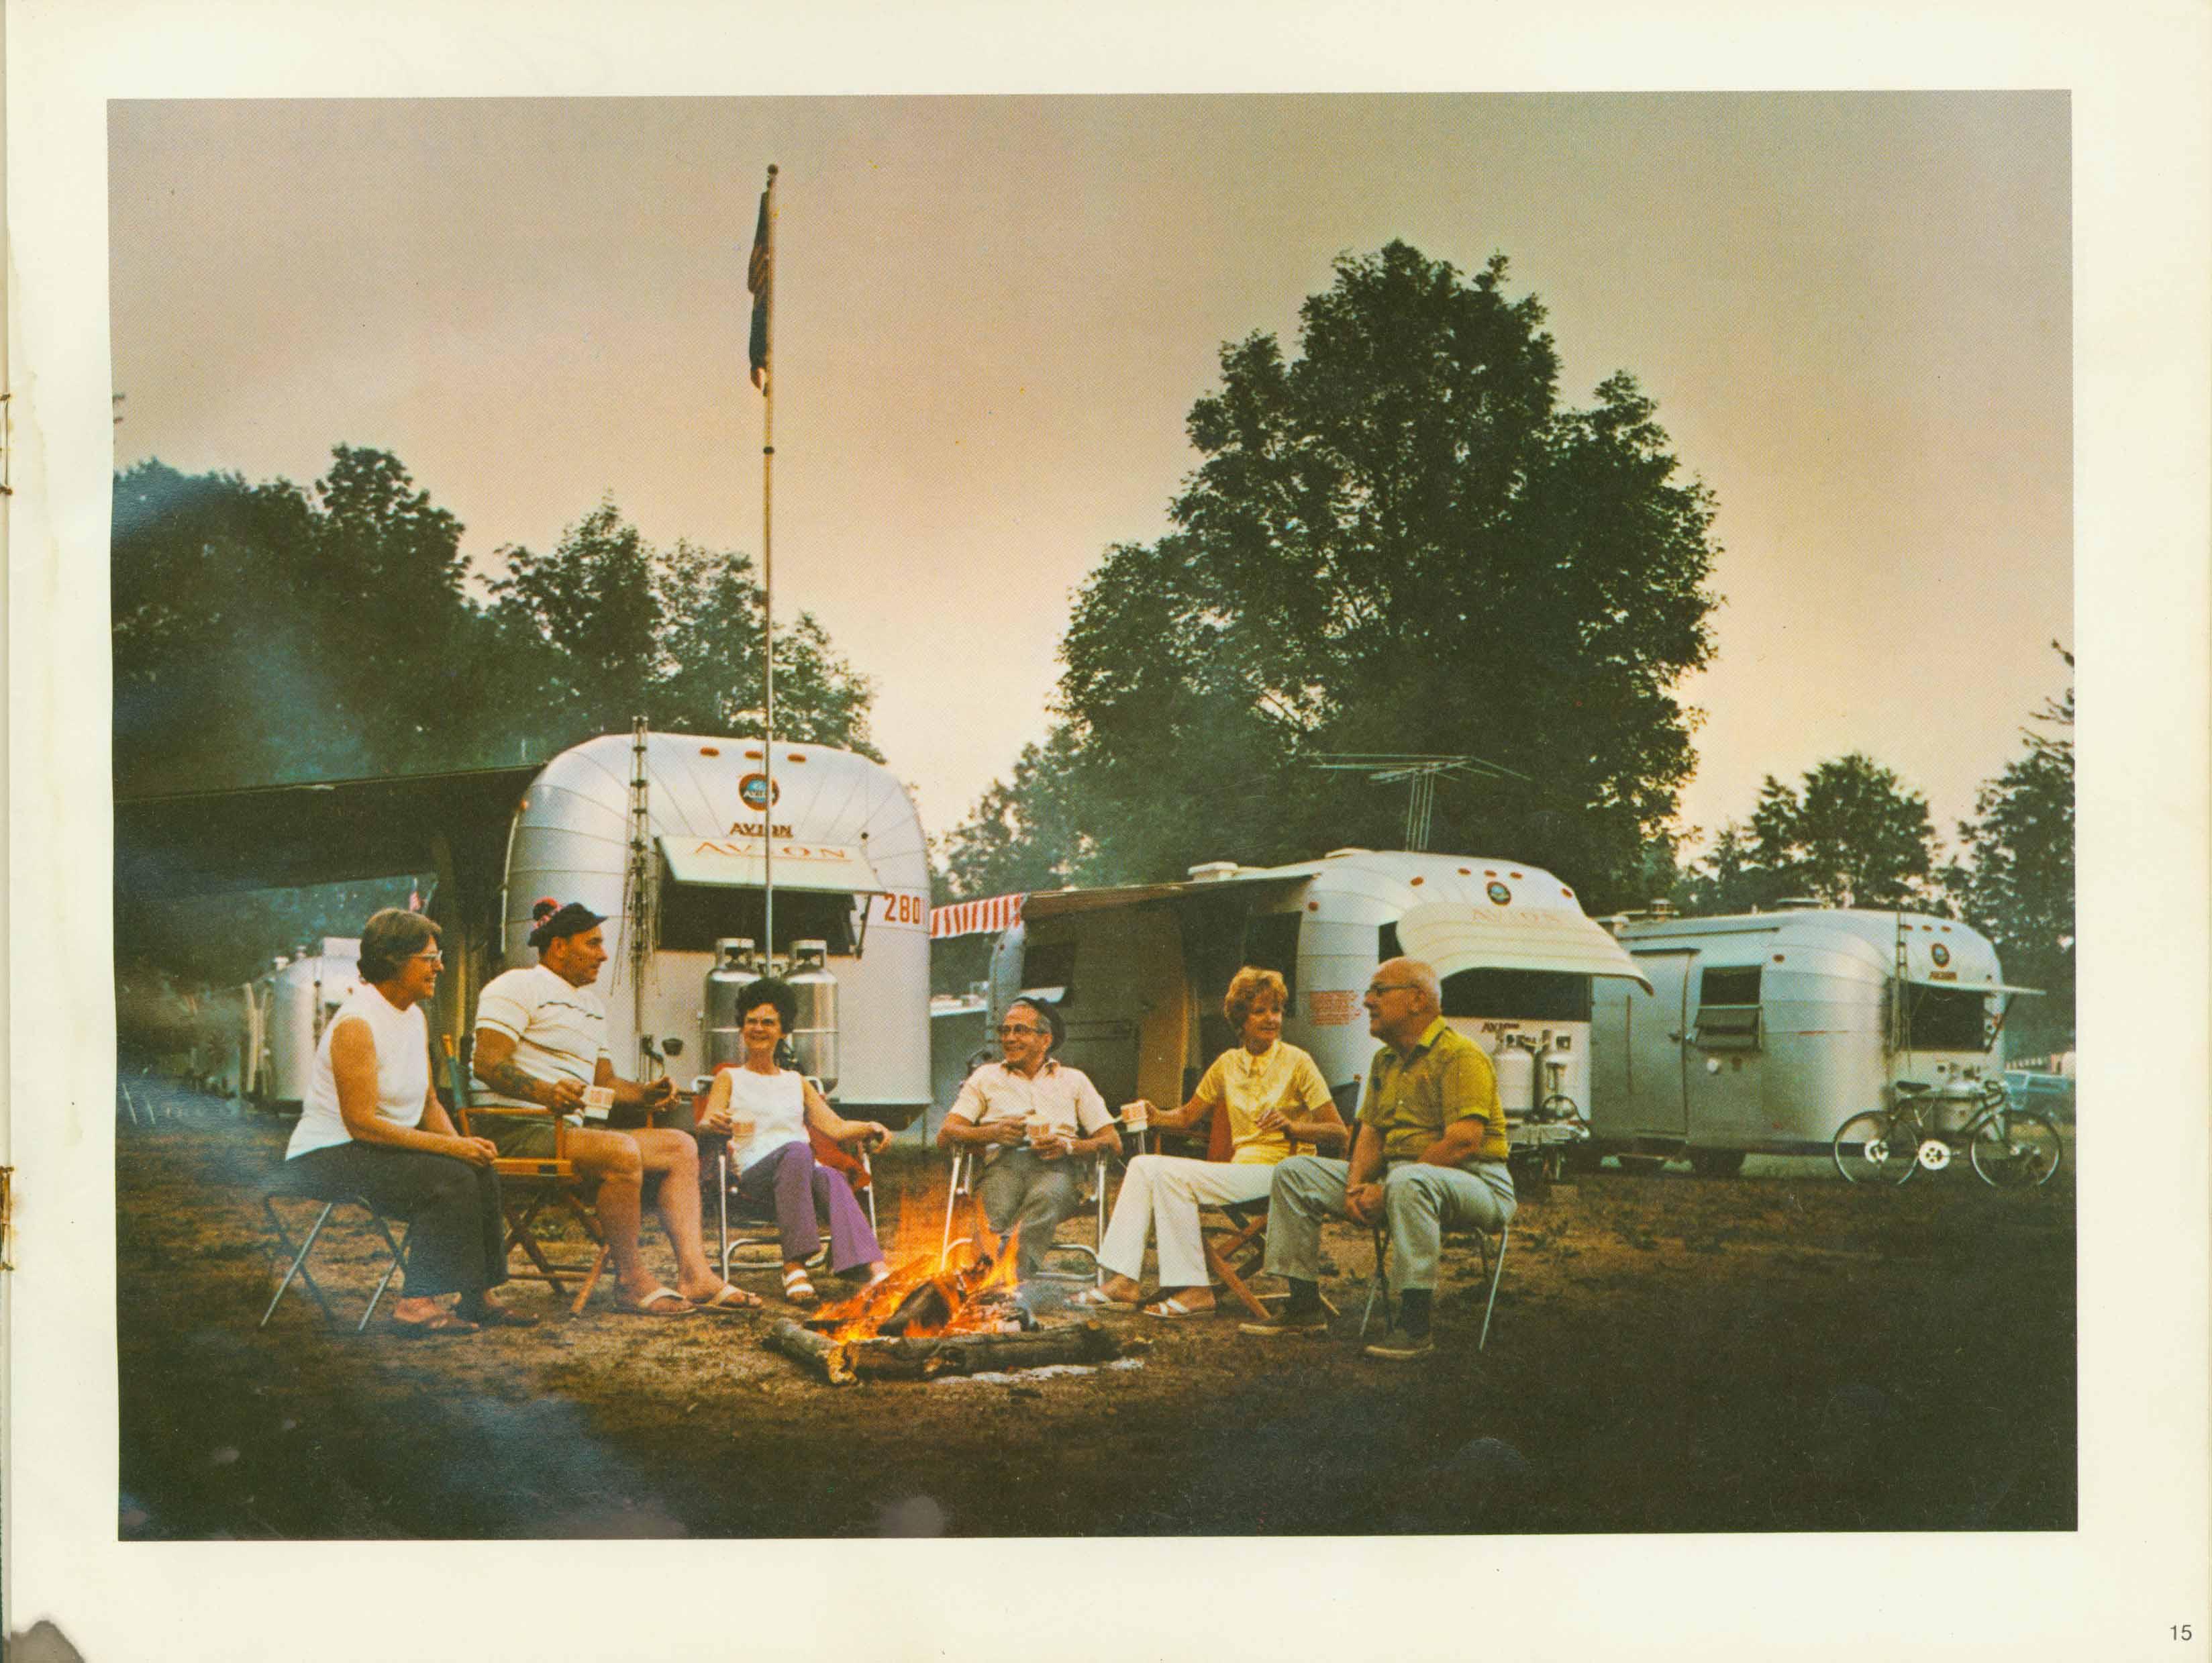 1972_AVION_15- around the campfire, rally1